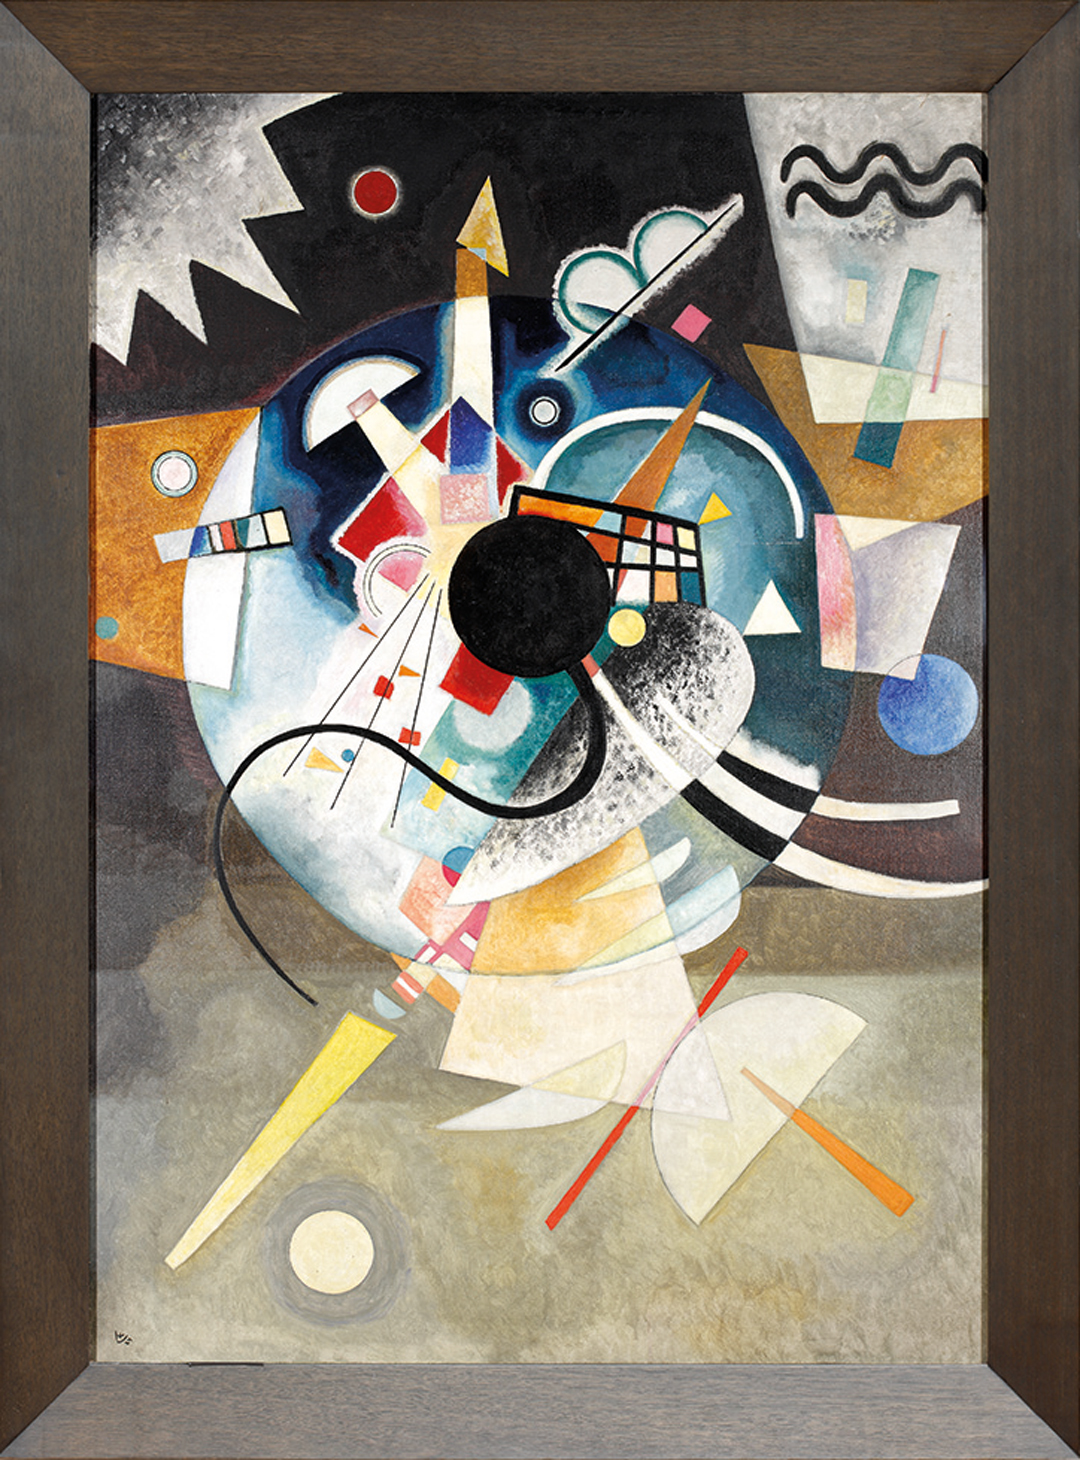 Wassily Kandinsky, Ein Zentrum, 1924, Gemeentemuseum Den Haag, Niederlande